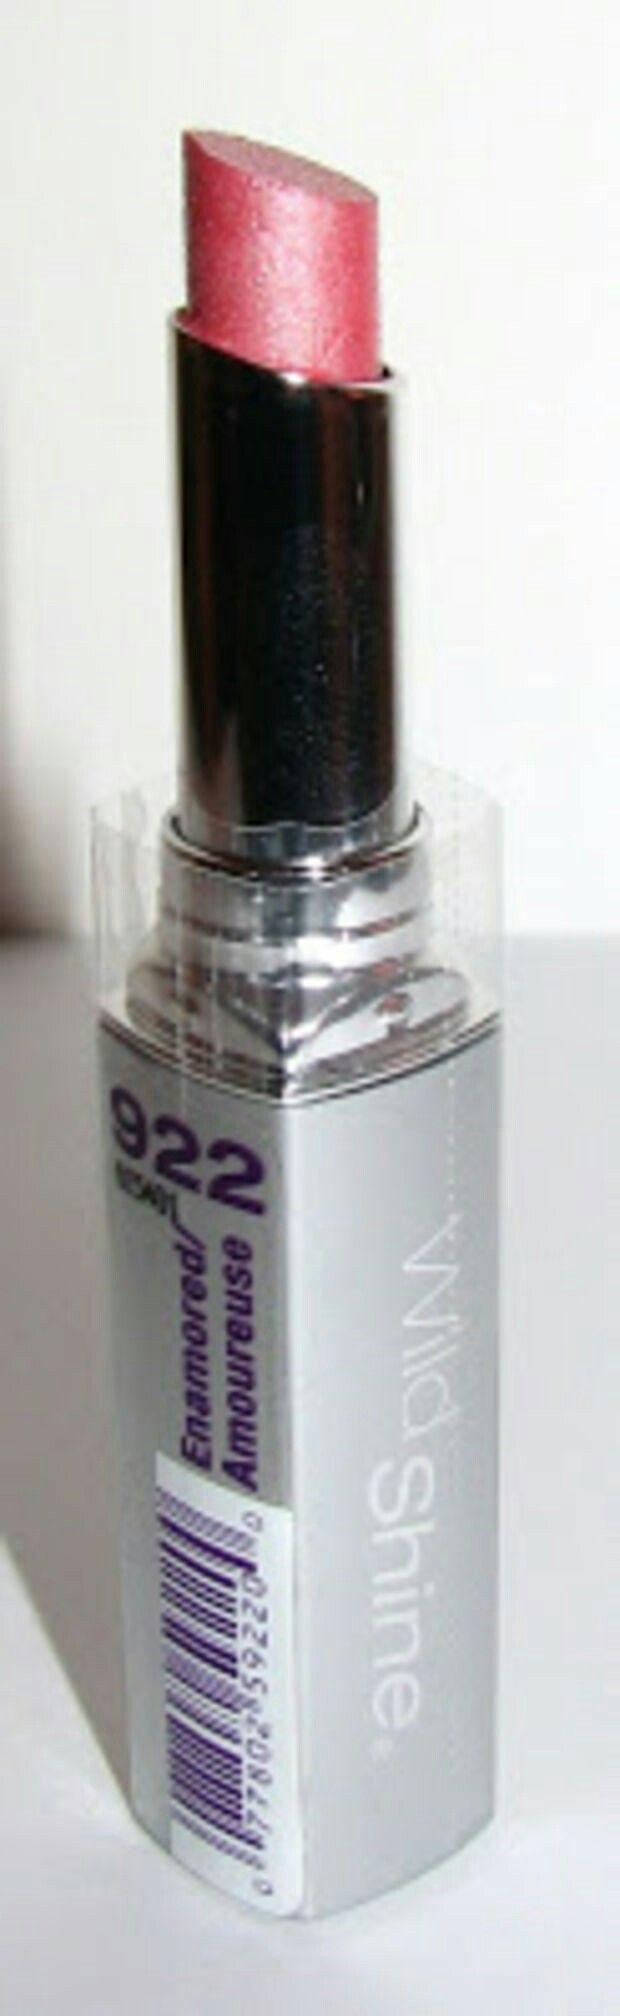 lipstik coupon code